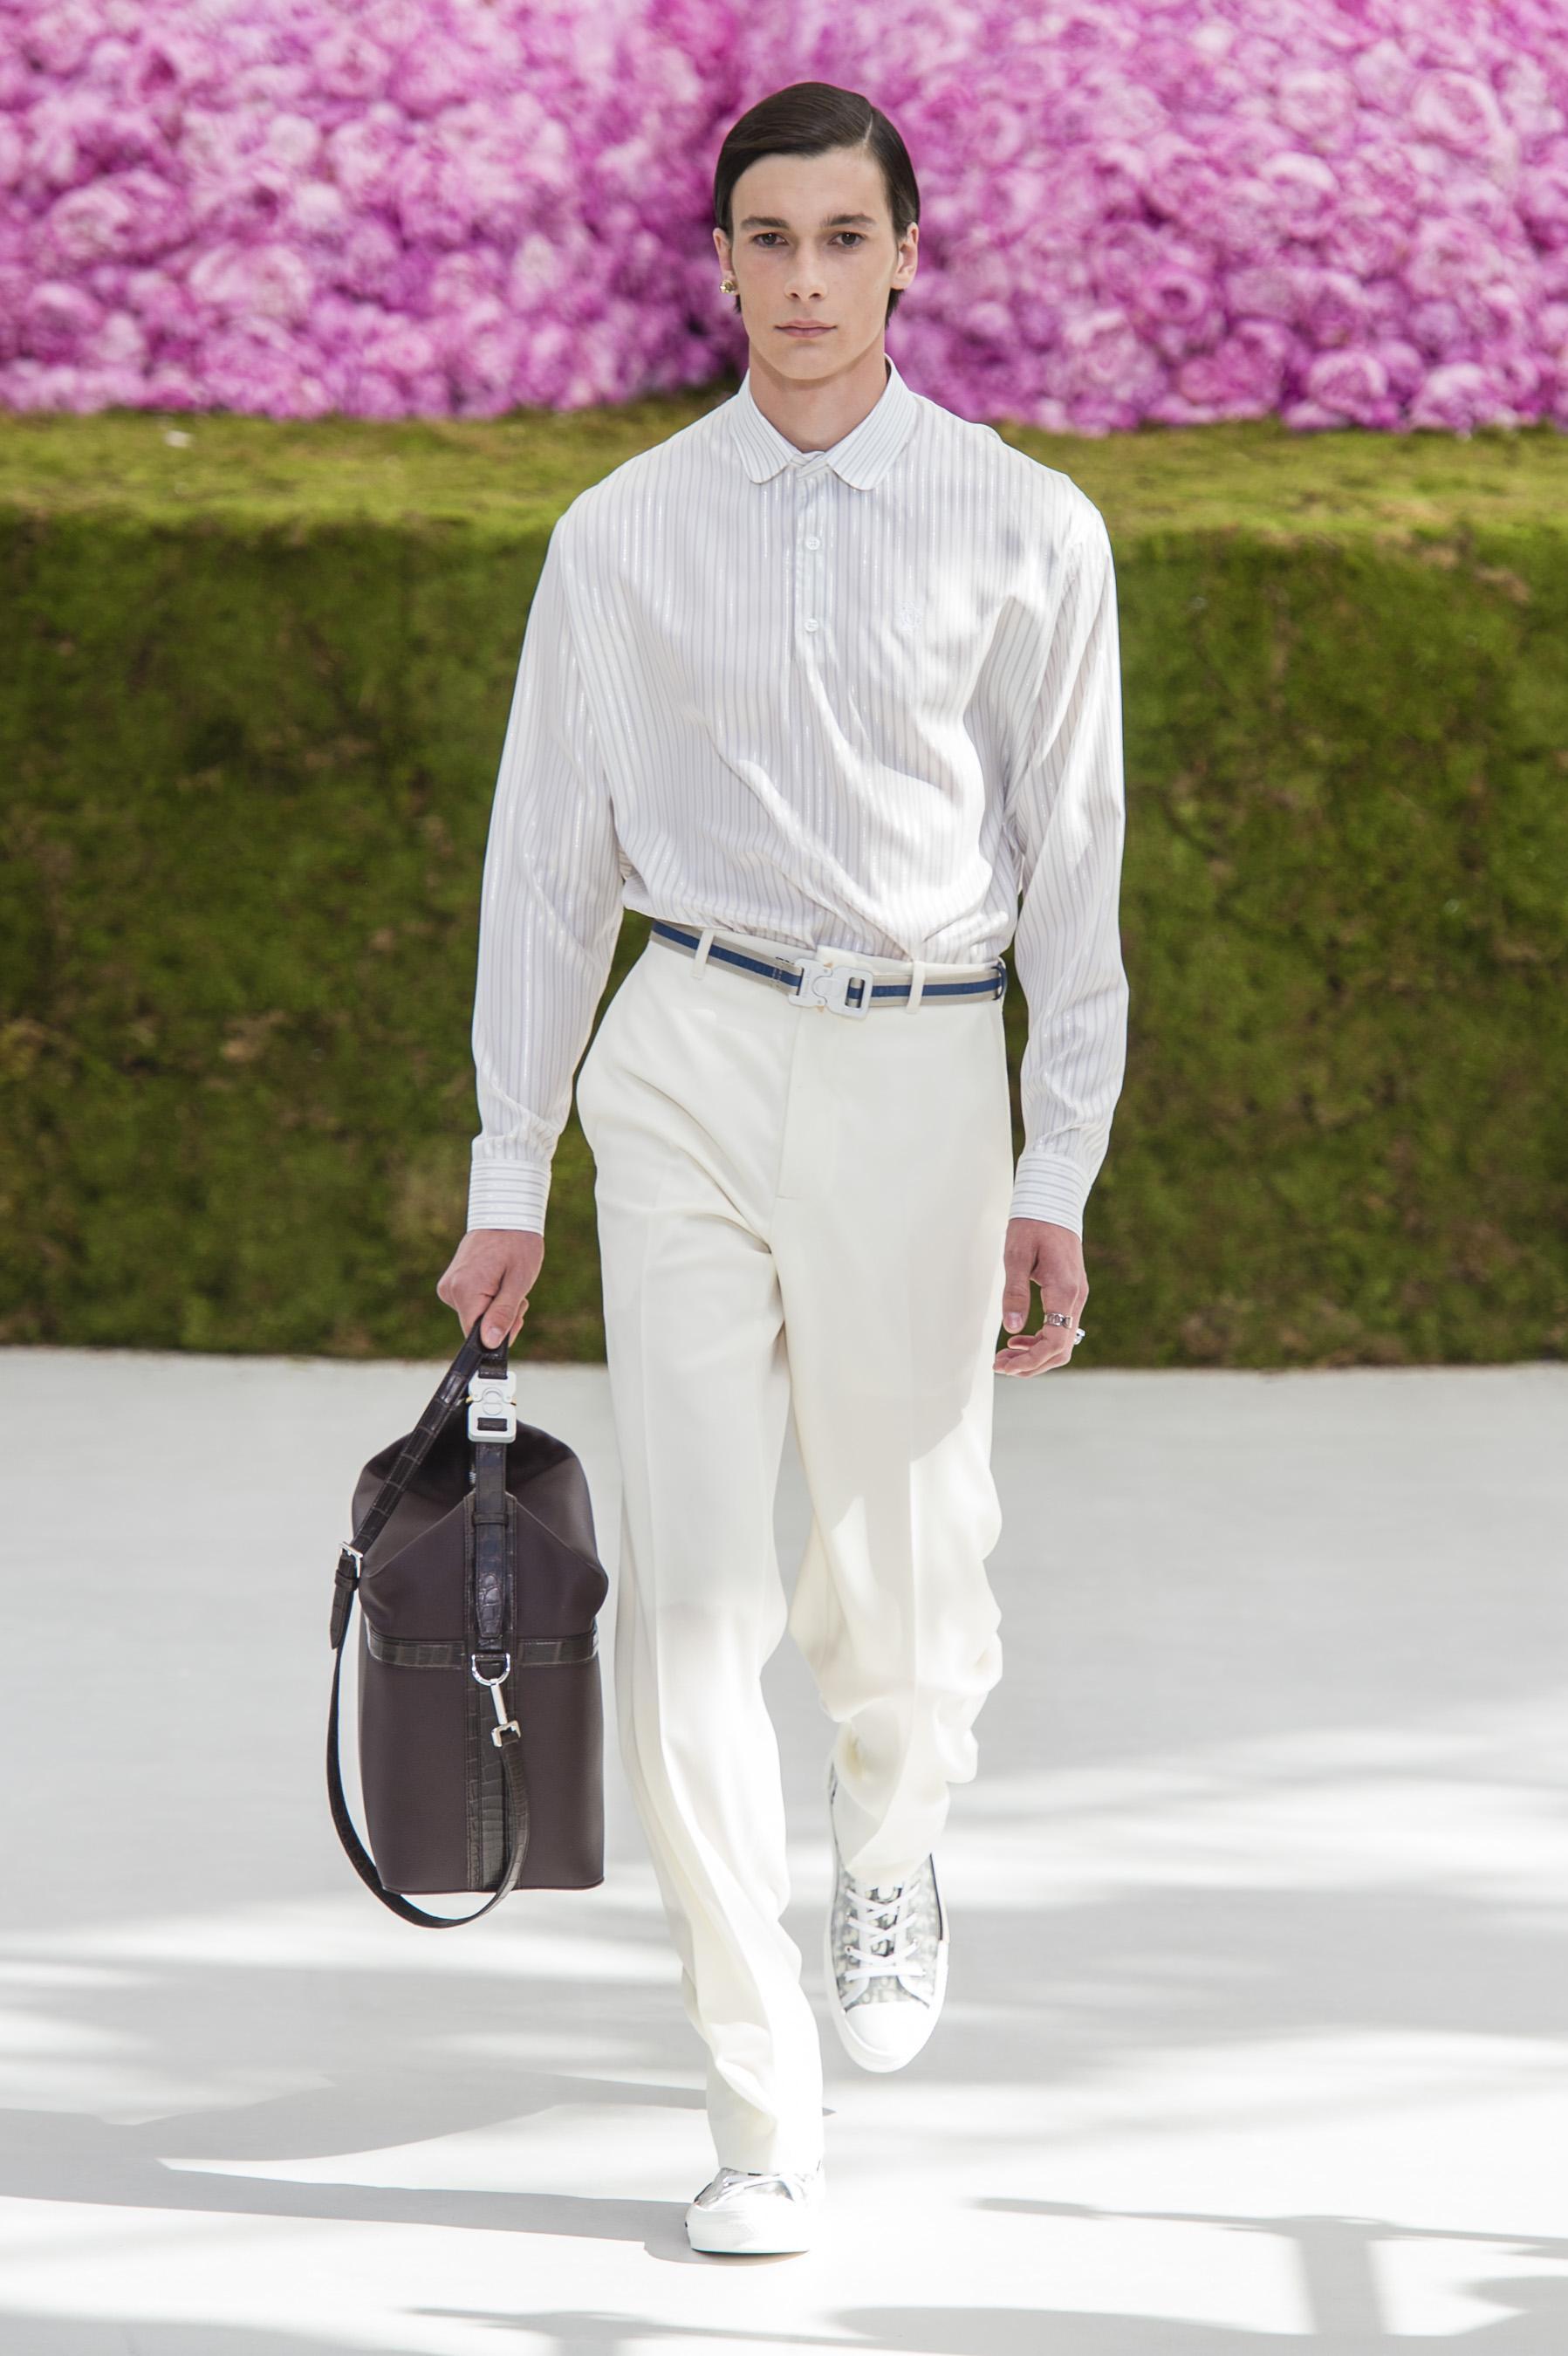 9b90515c5522 Défilé Dior Homme printemps-été 2019 Homme - Madame Figaro